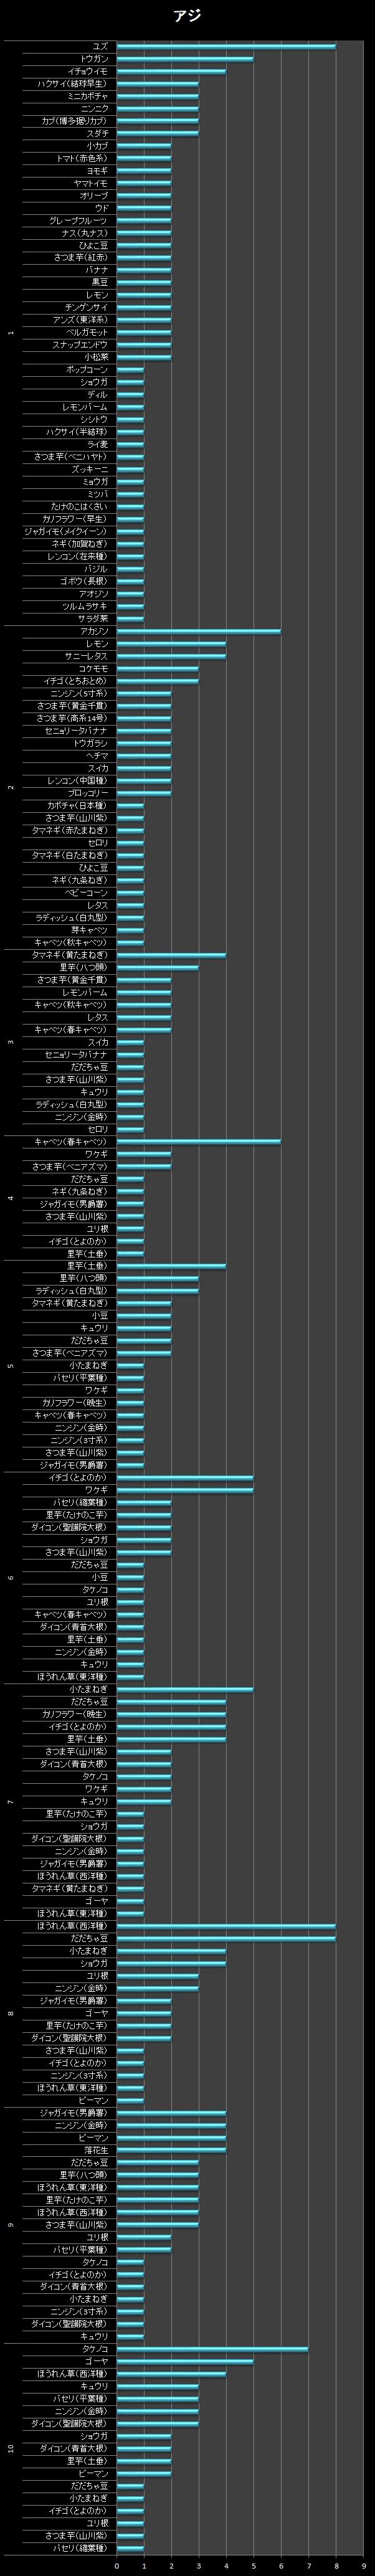 横棒グラフ/アジ